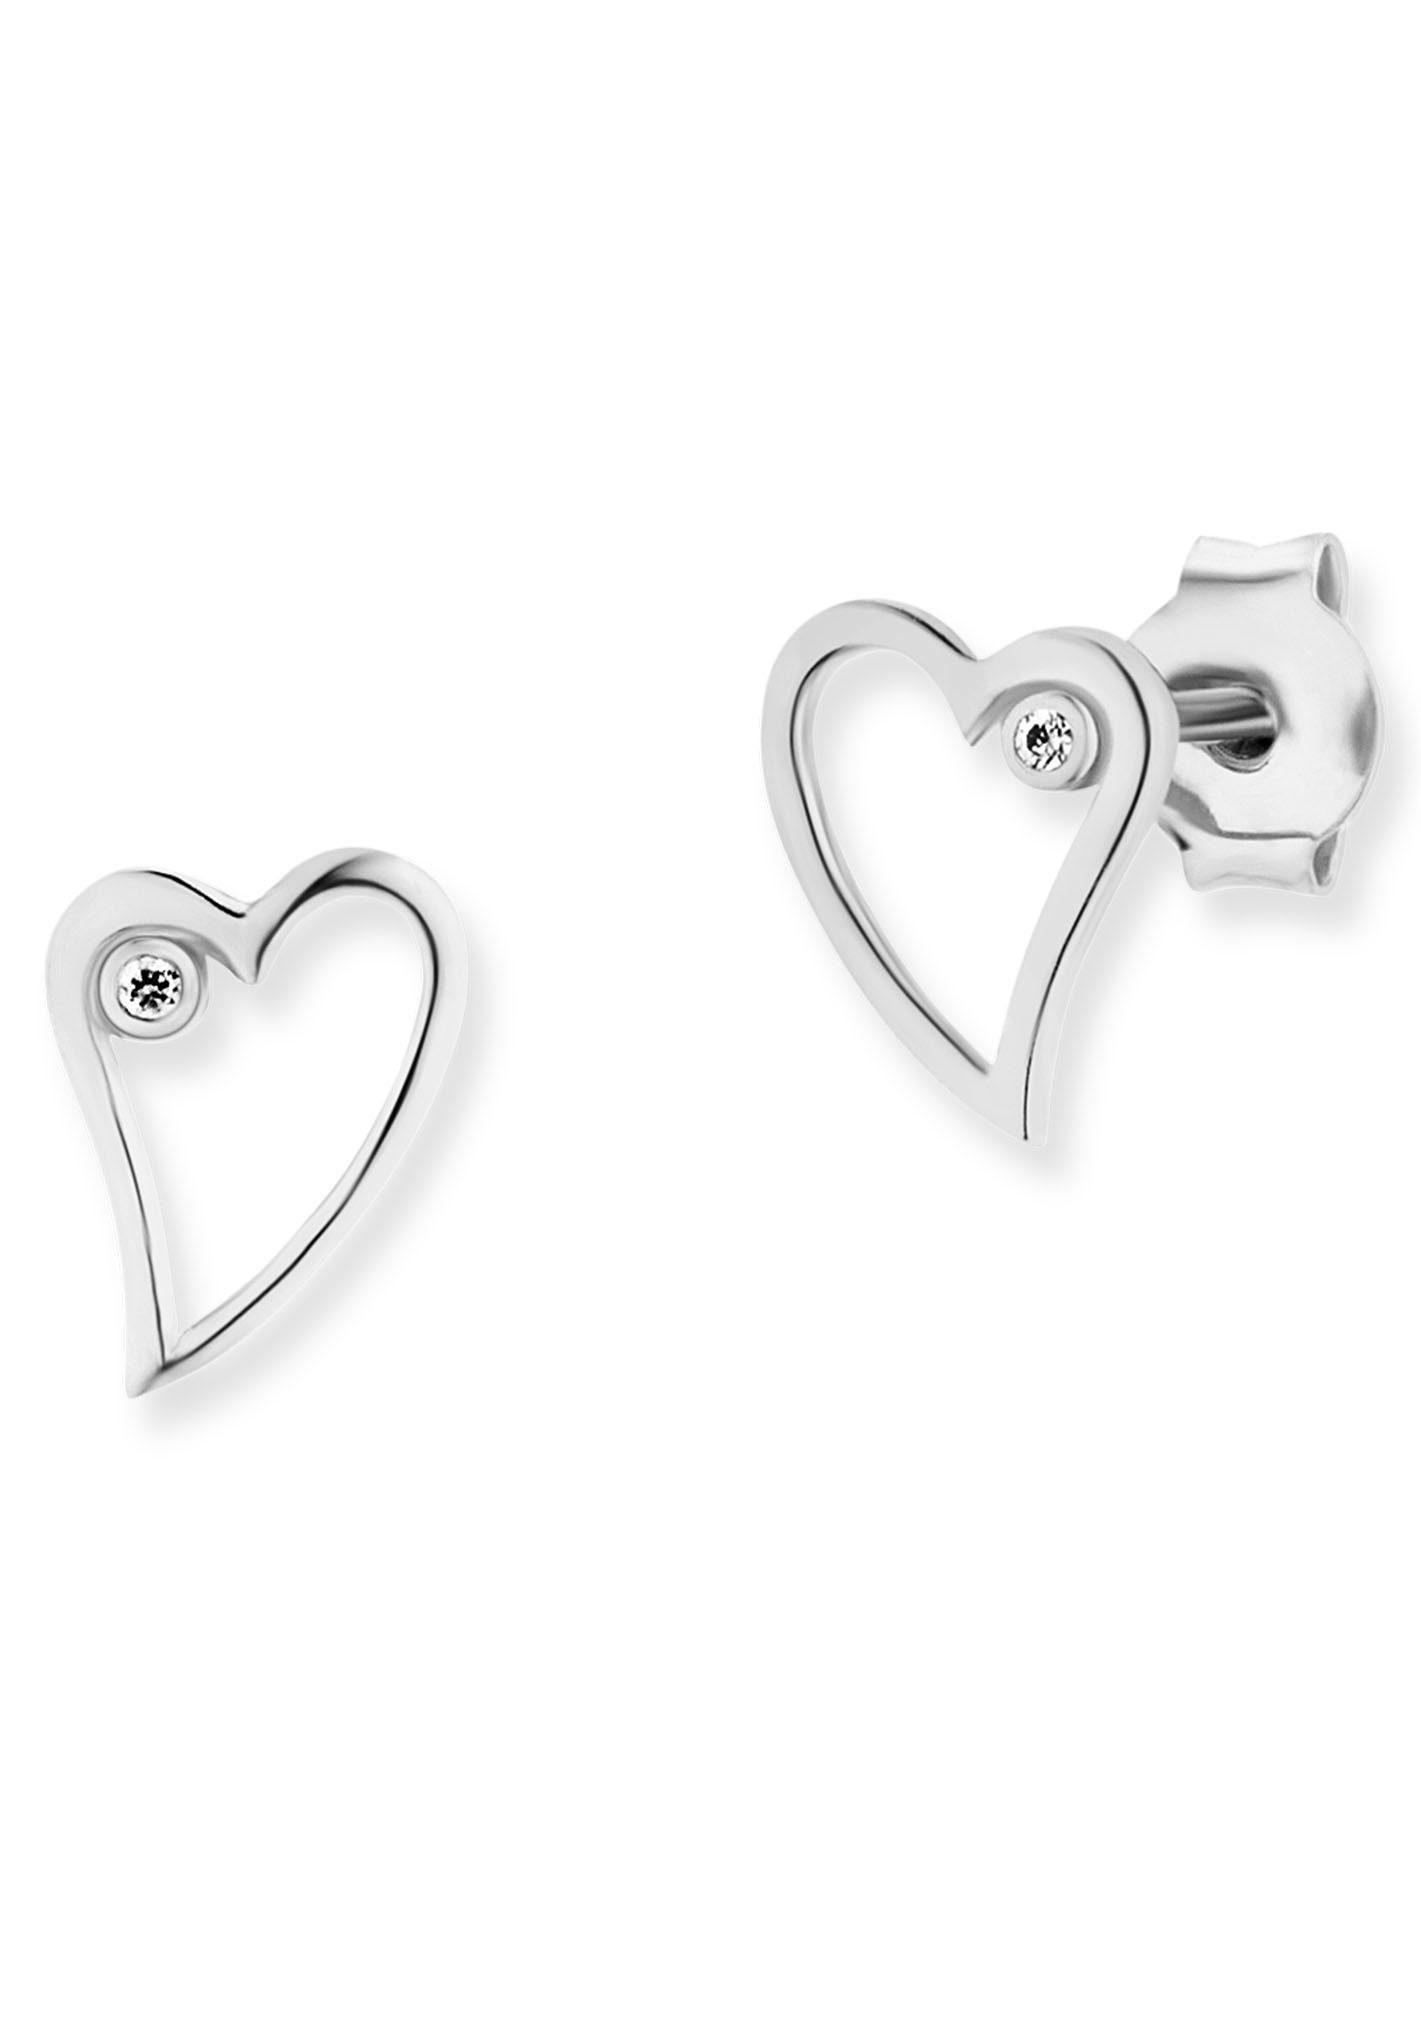 CAÏ Paar Ohrstecker »caï love, Herz, swingin heart, C7380E/90/03/« mit Zirkonia